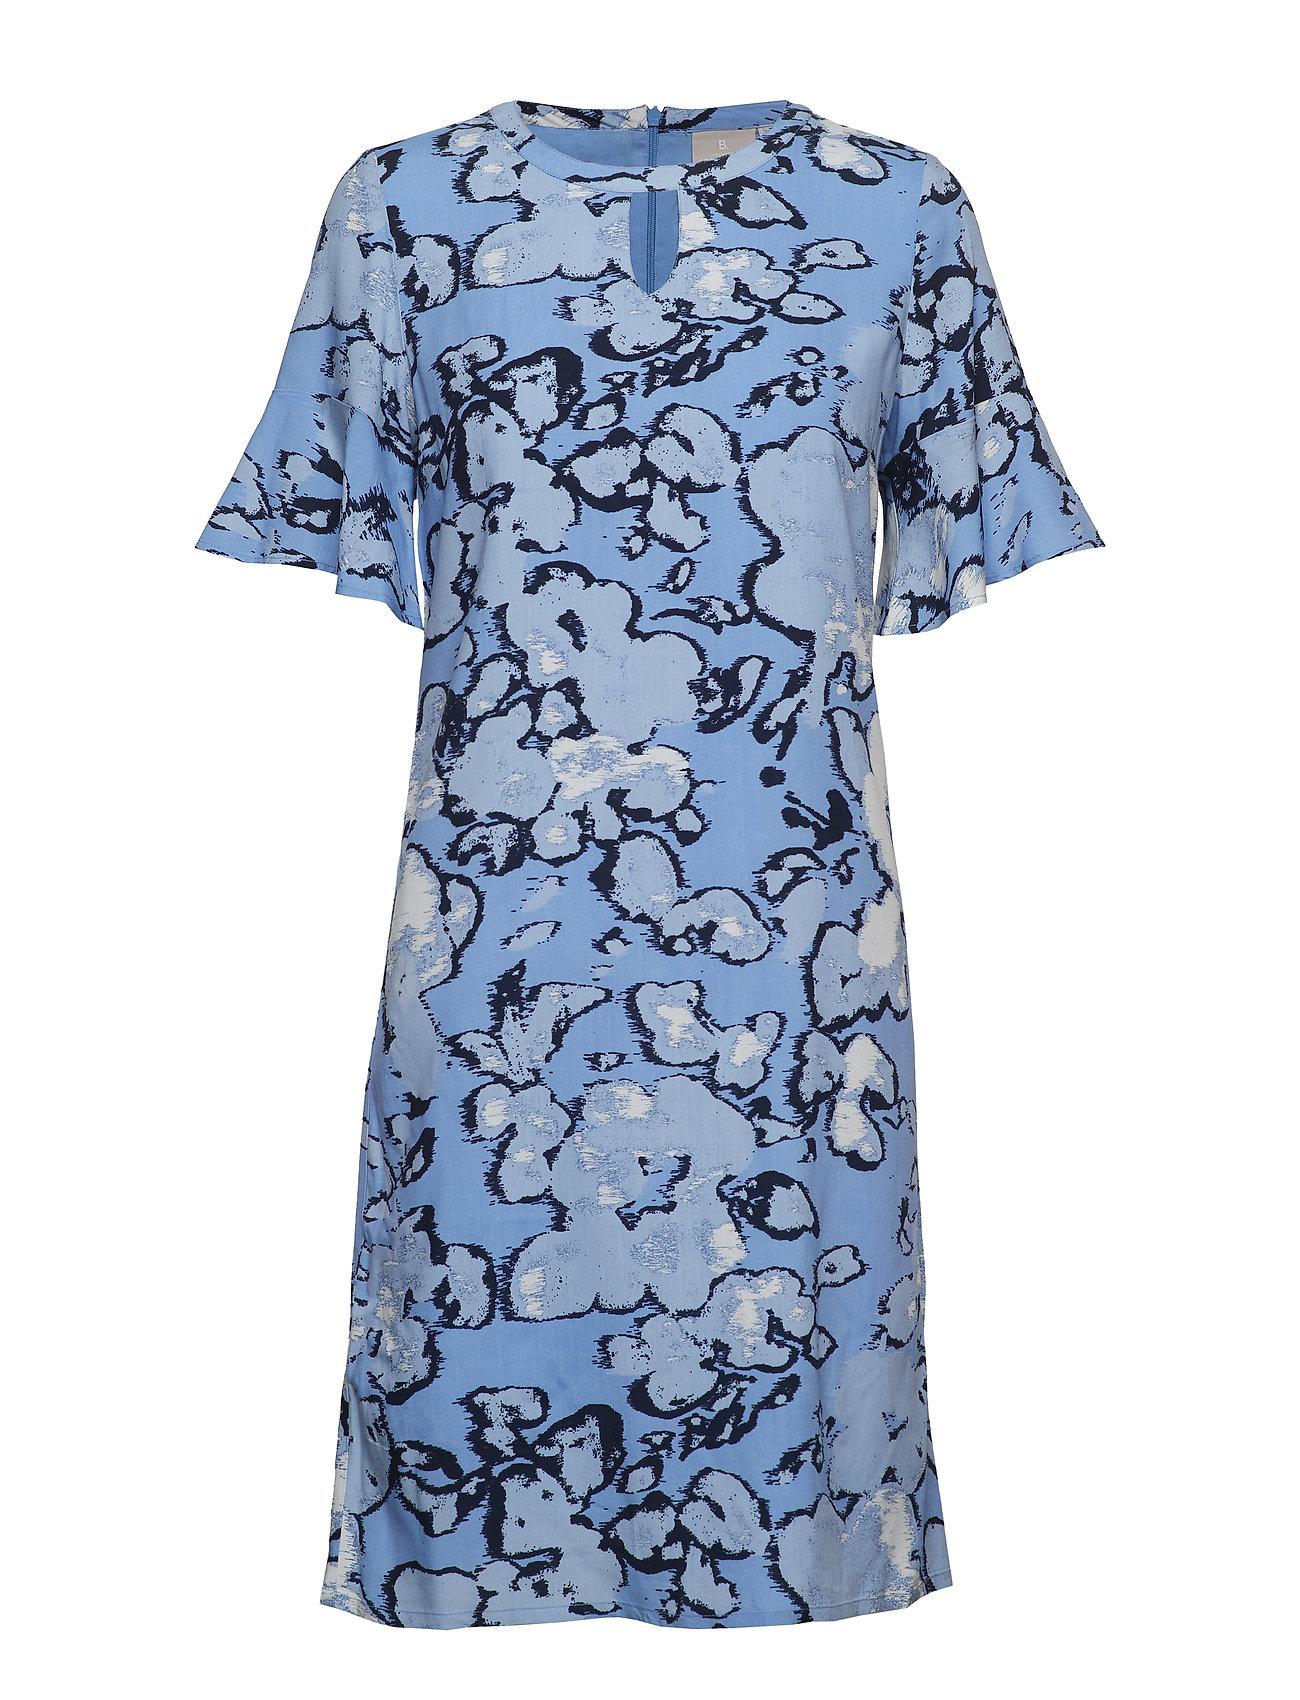 Brandtex Dress-light woven - RIVIERA BLUE